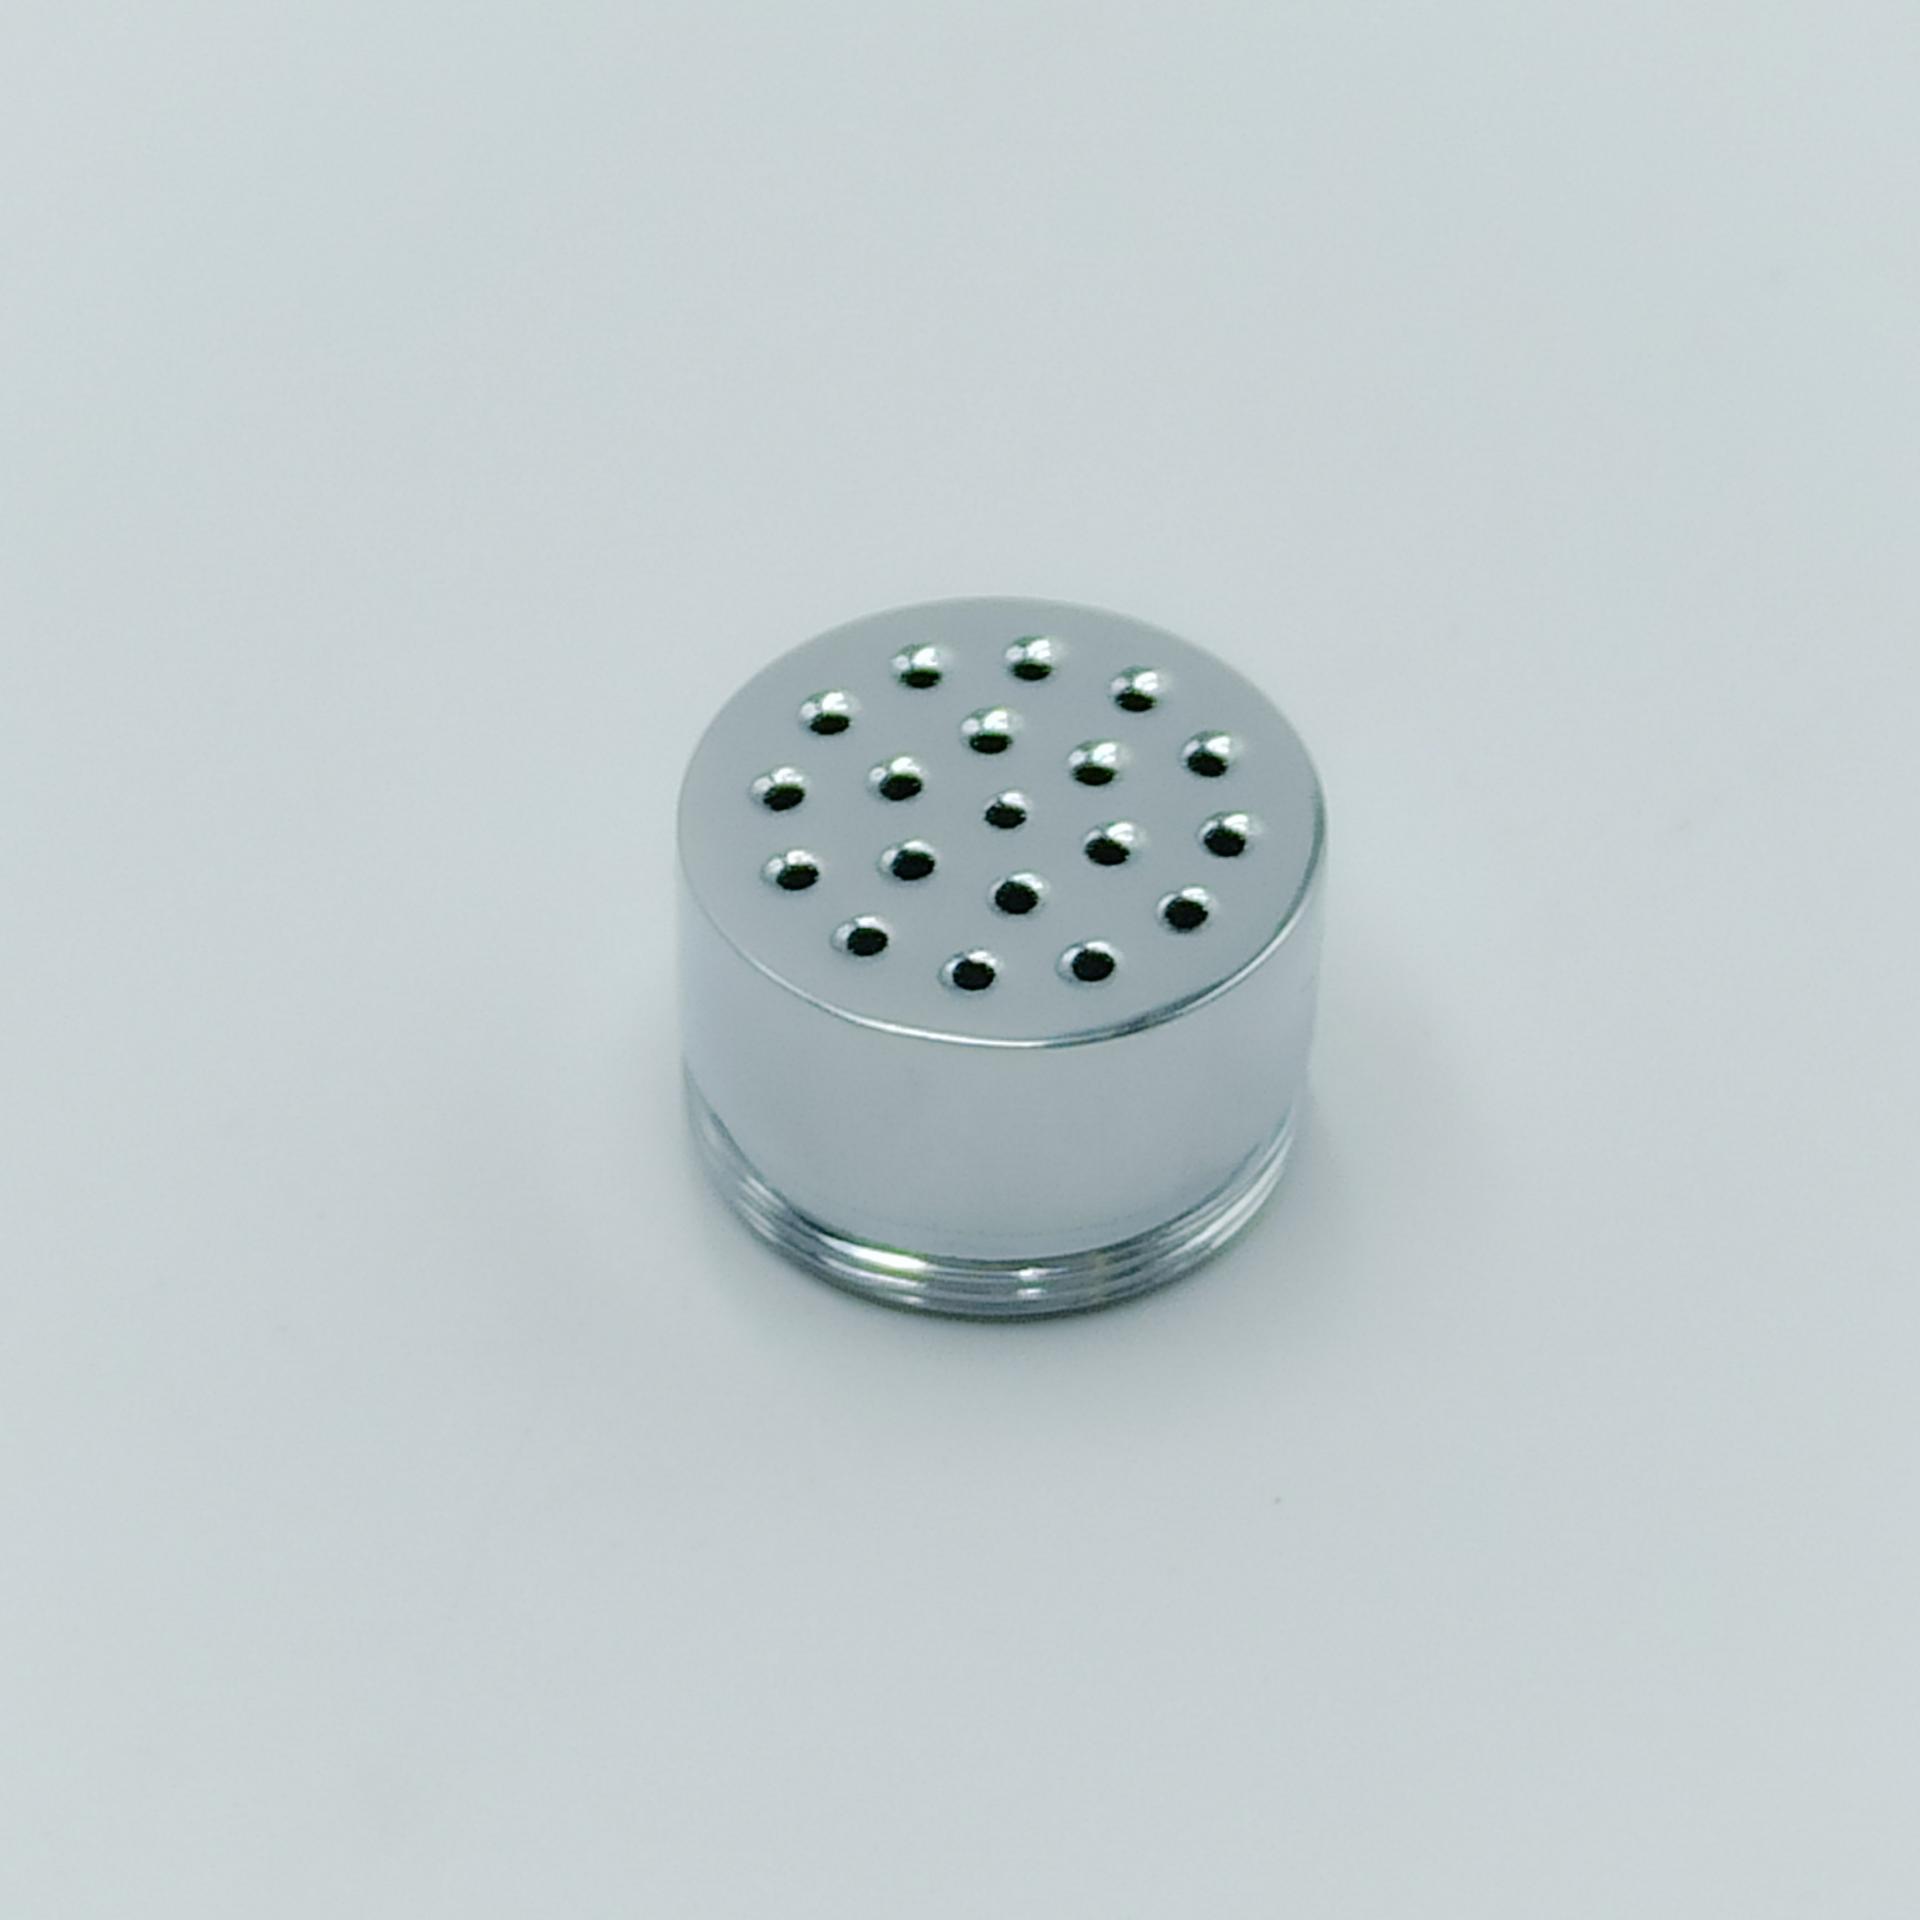 825713110 Rociador ducha M24x1